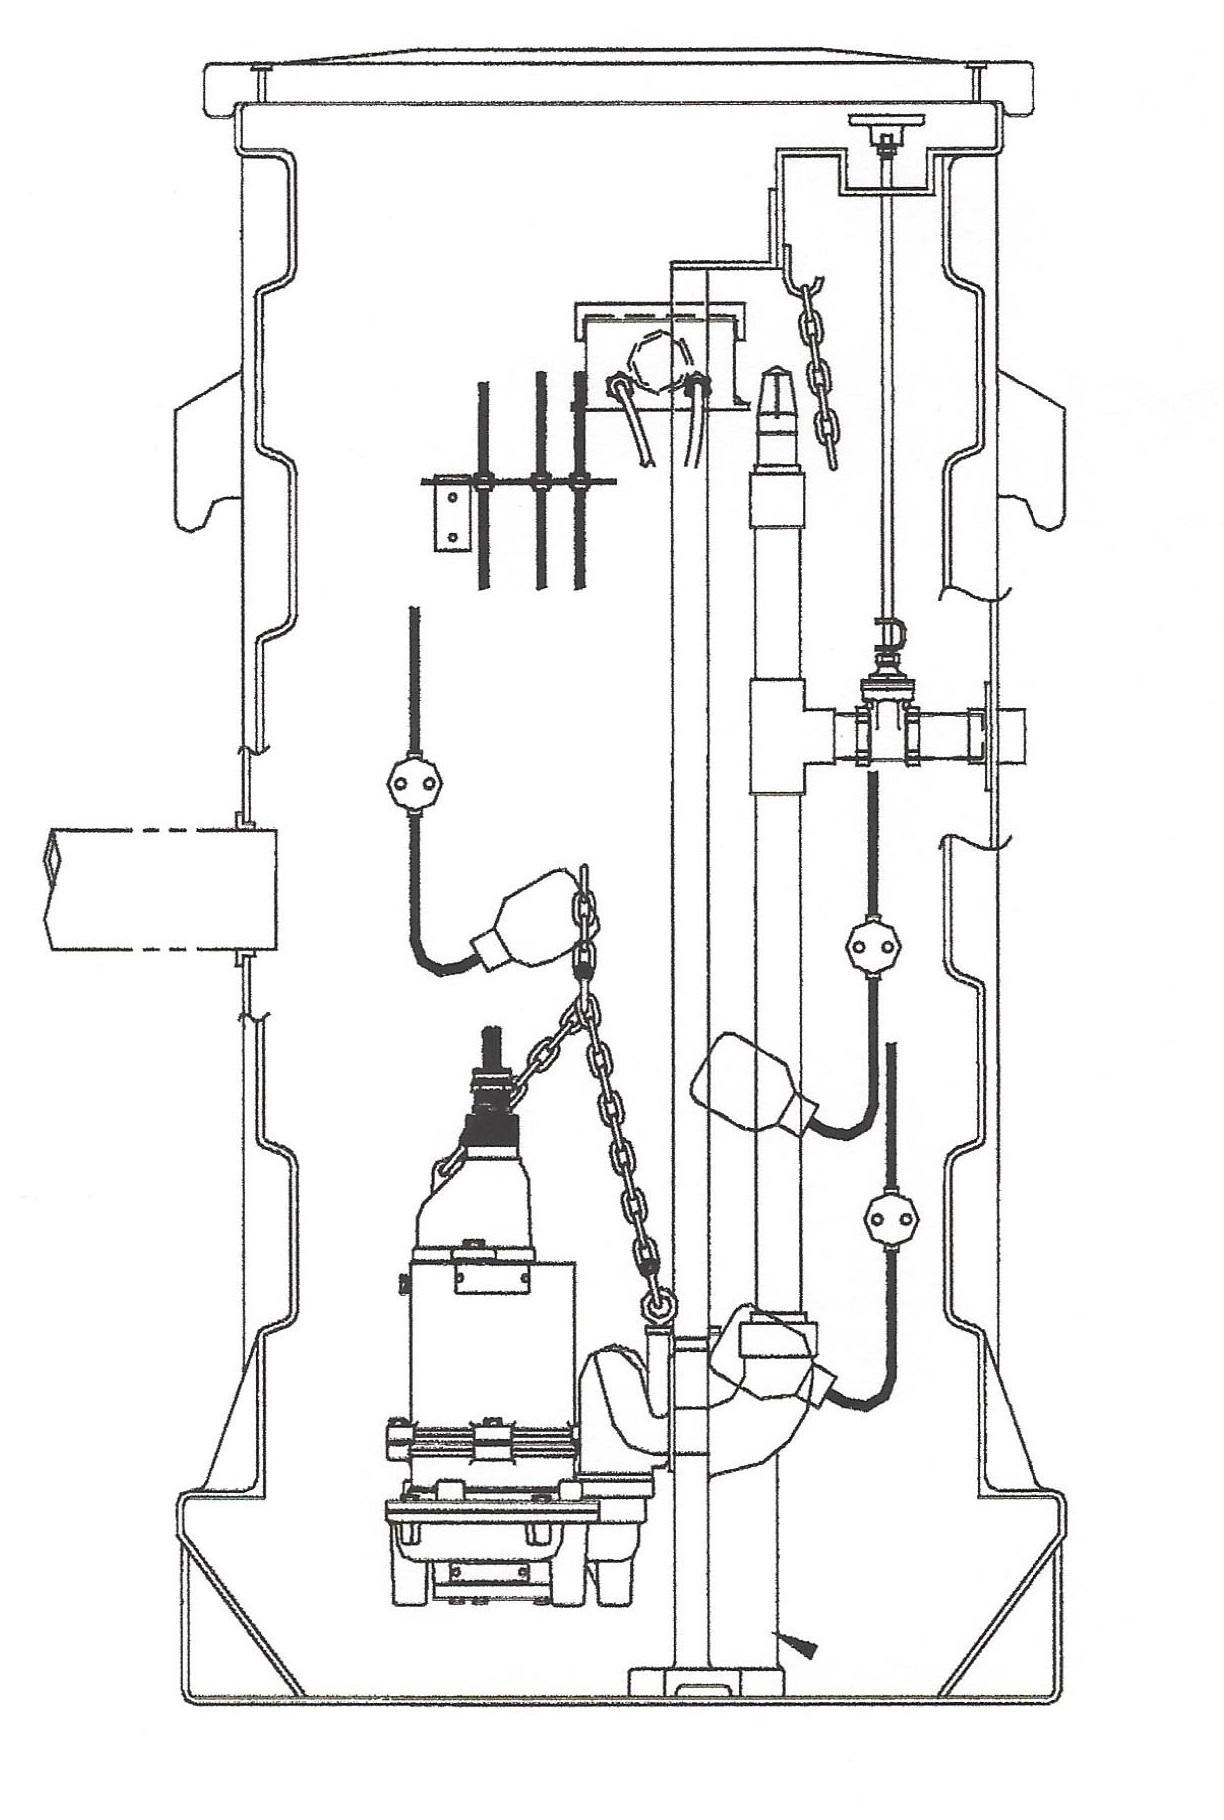 Single Grinder Diagram